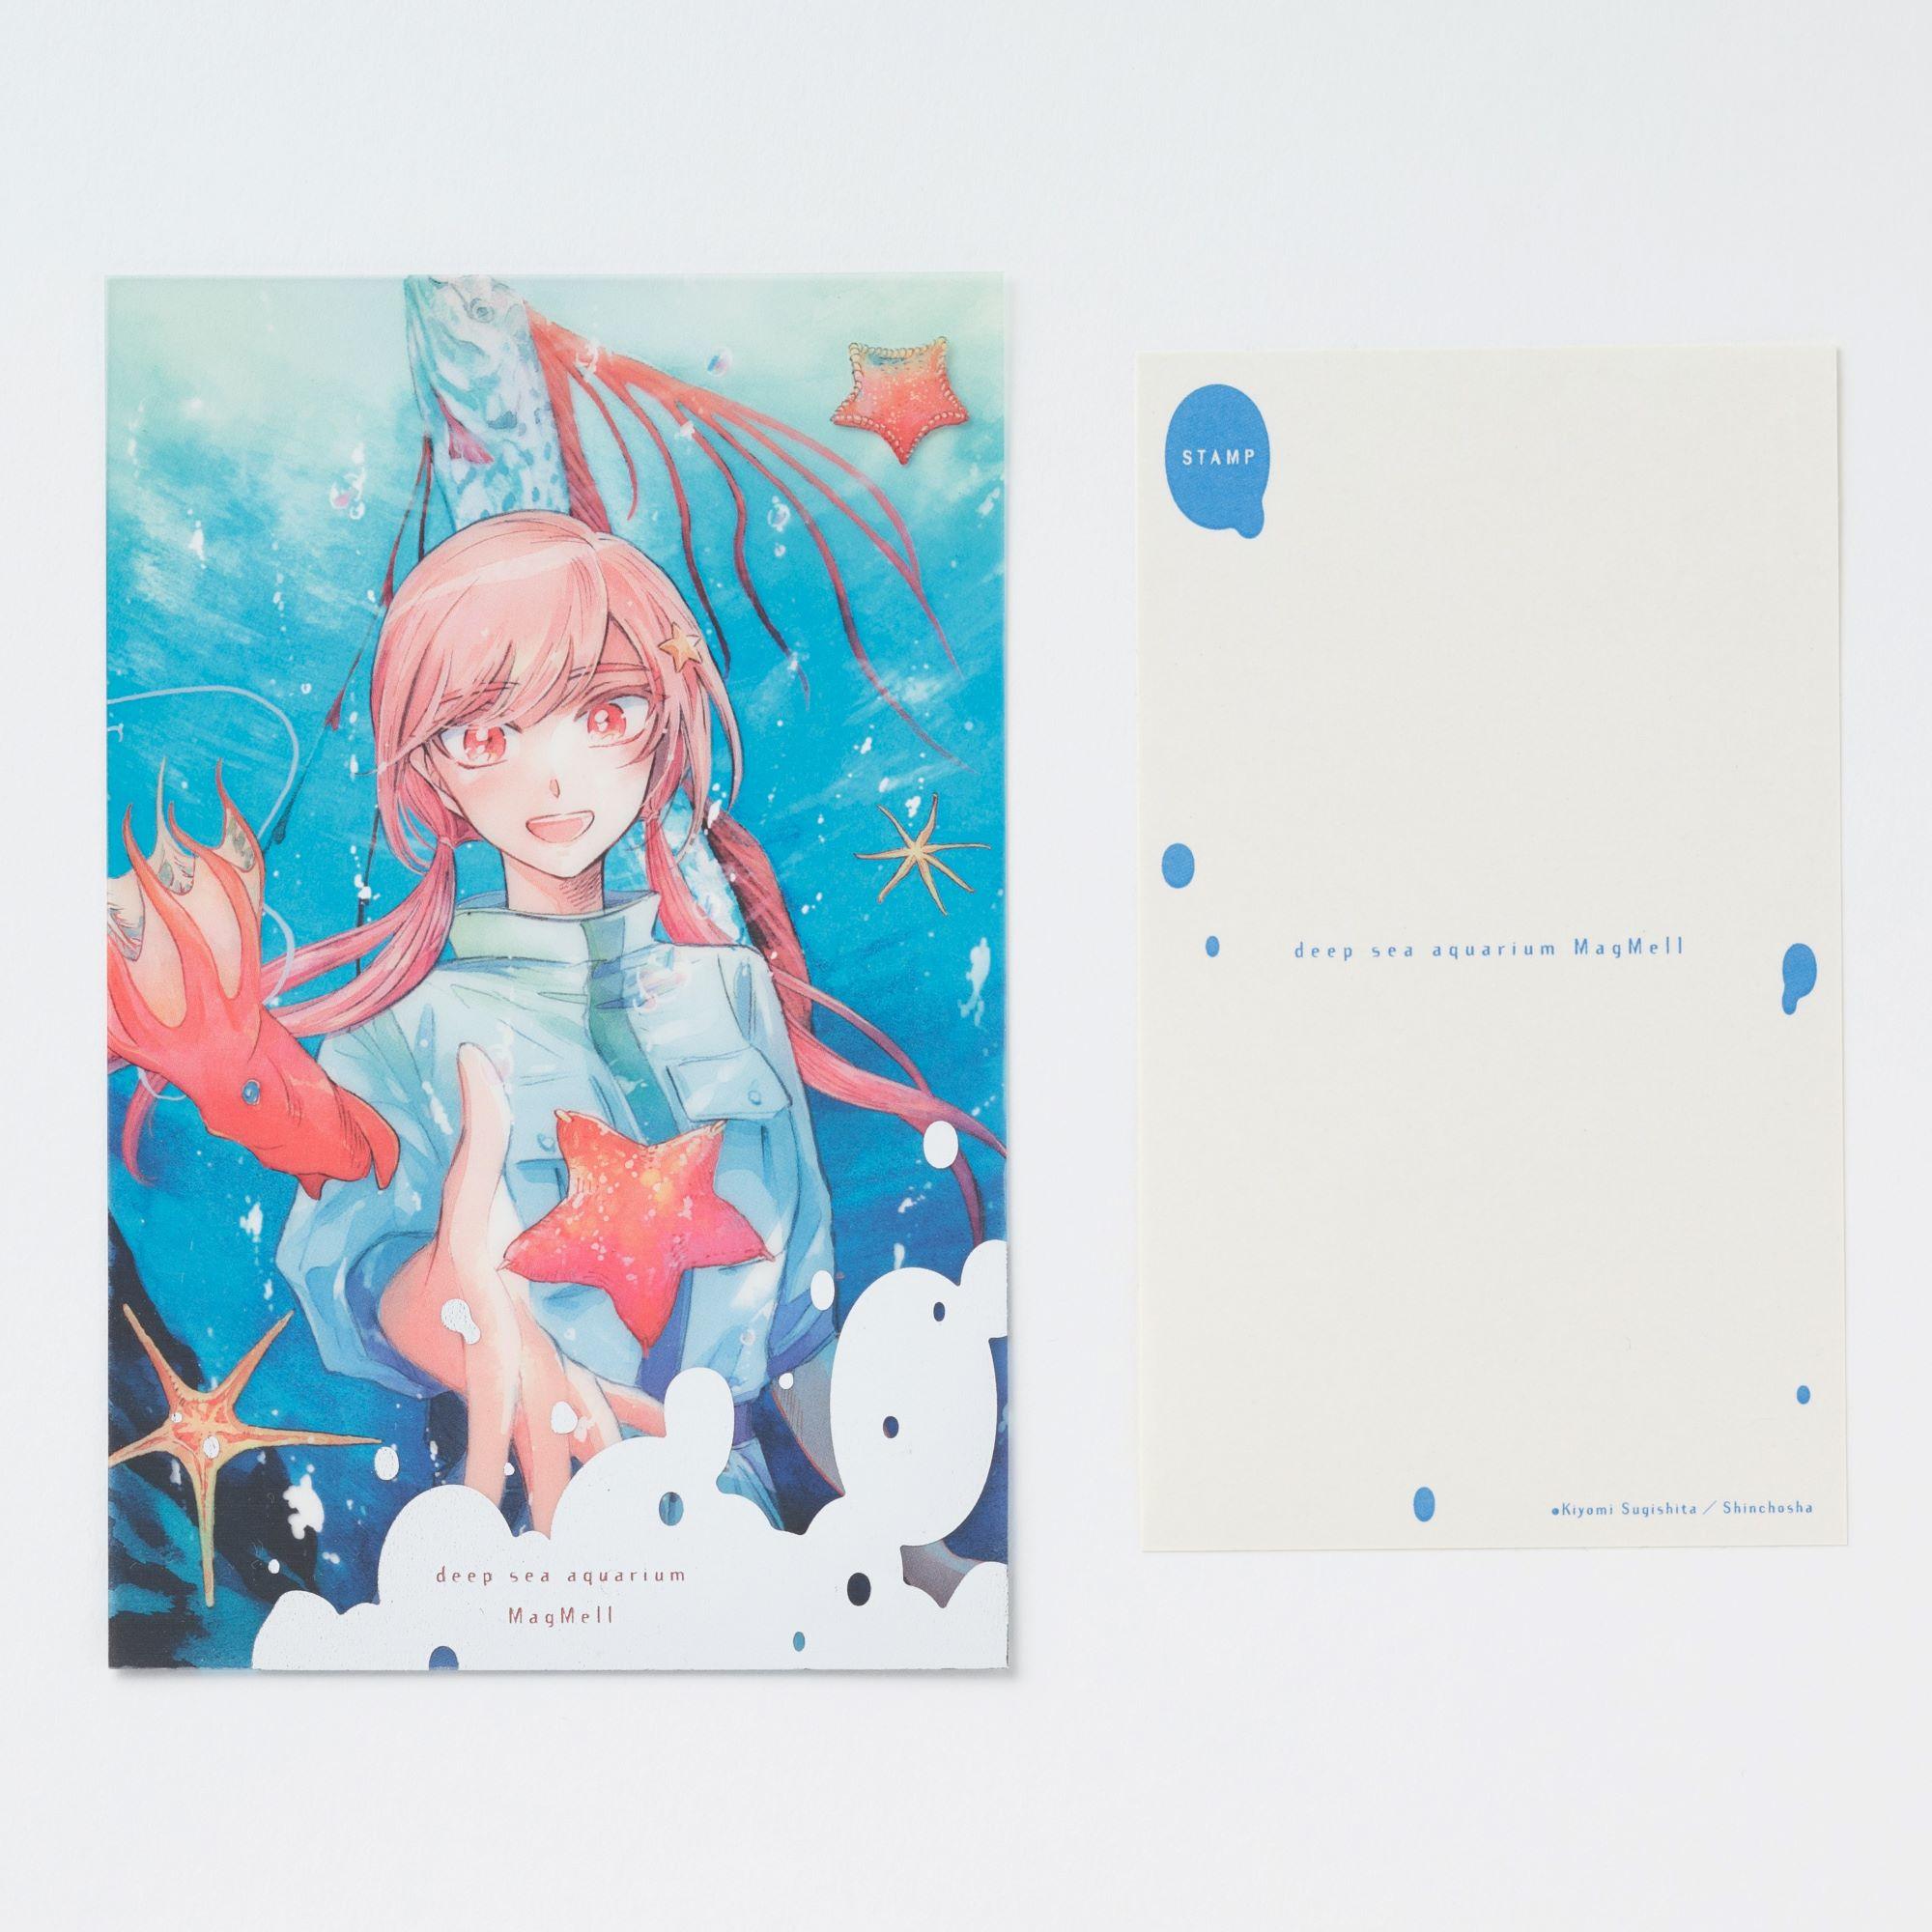 『マグメル深海水族館』クリアポストカード④(長泉湖)